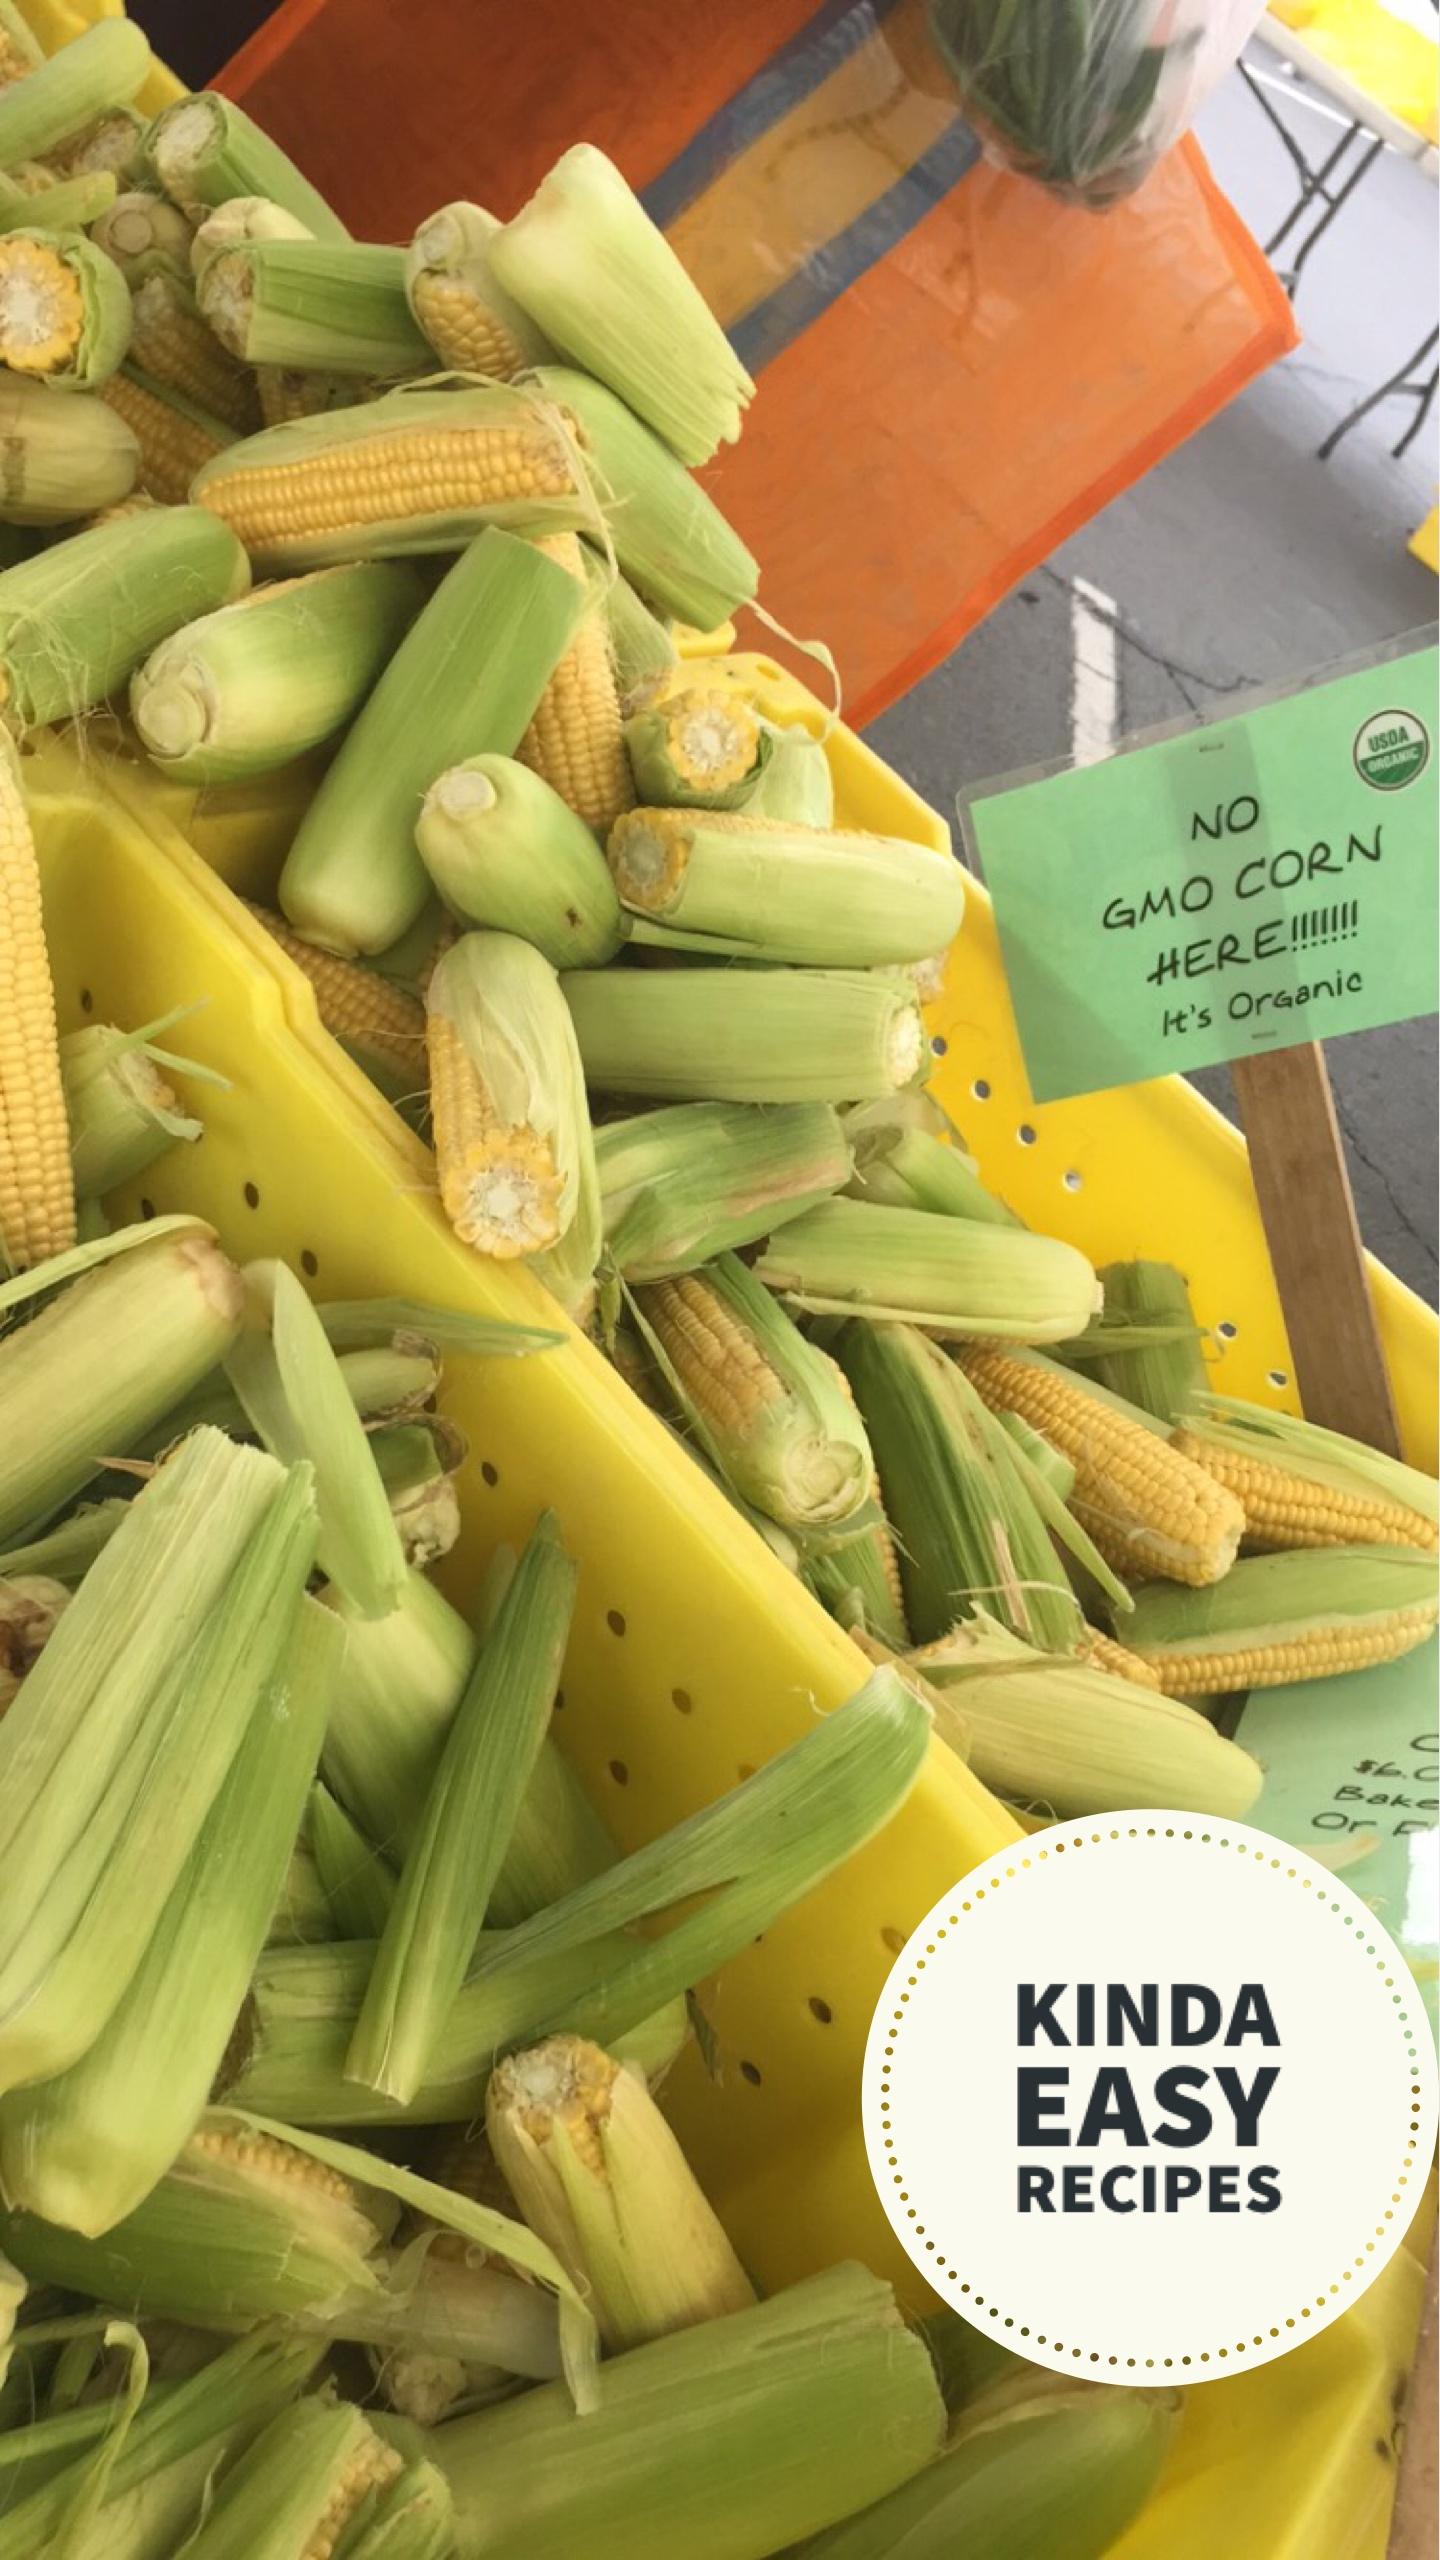 organic-sweet-corn-non-gmo